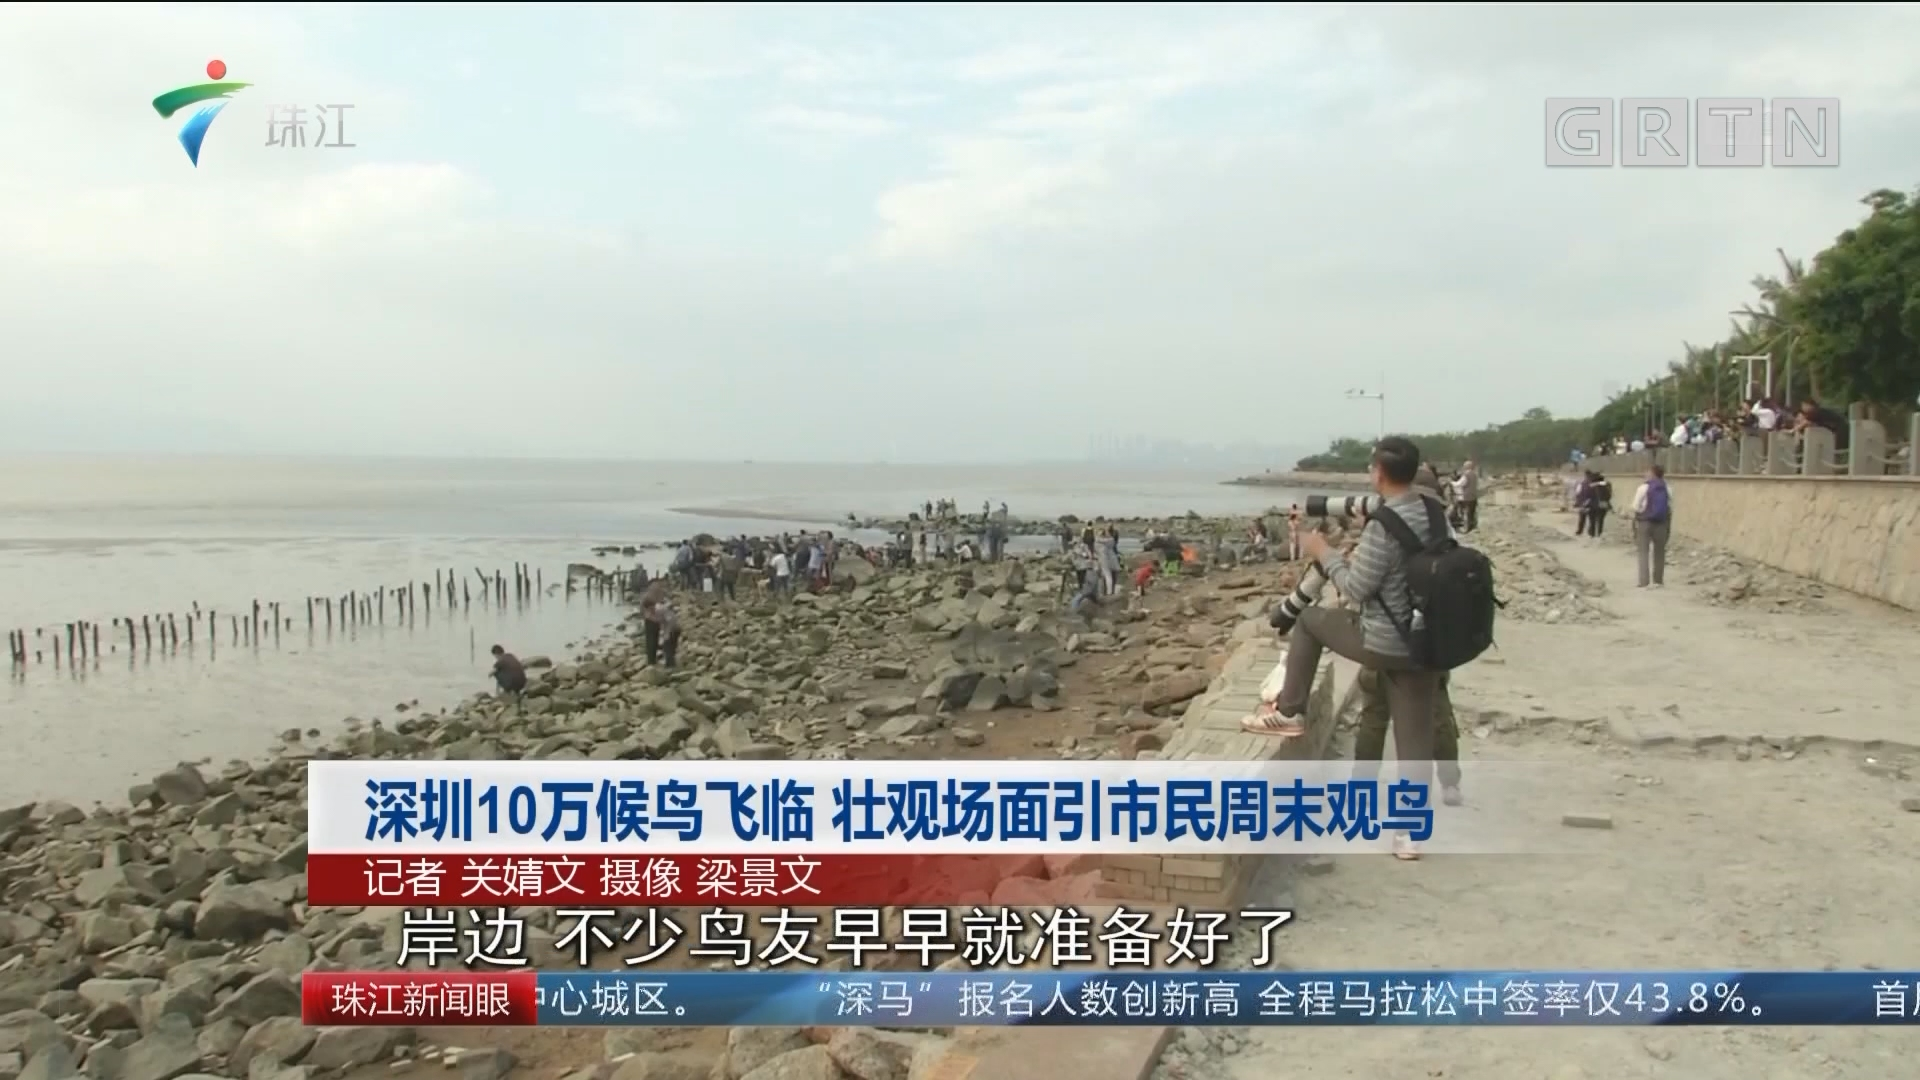 深圳10万候鸟飞临 壮观场面引市民周末观鸟